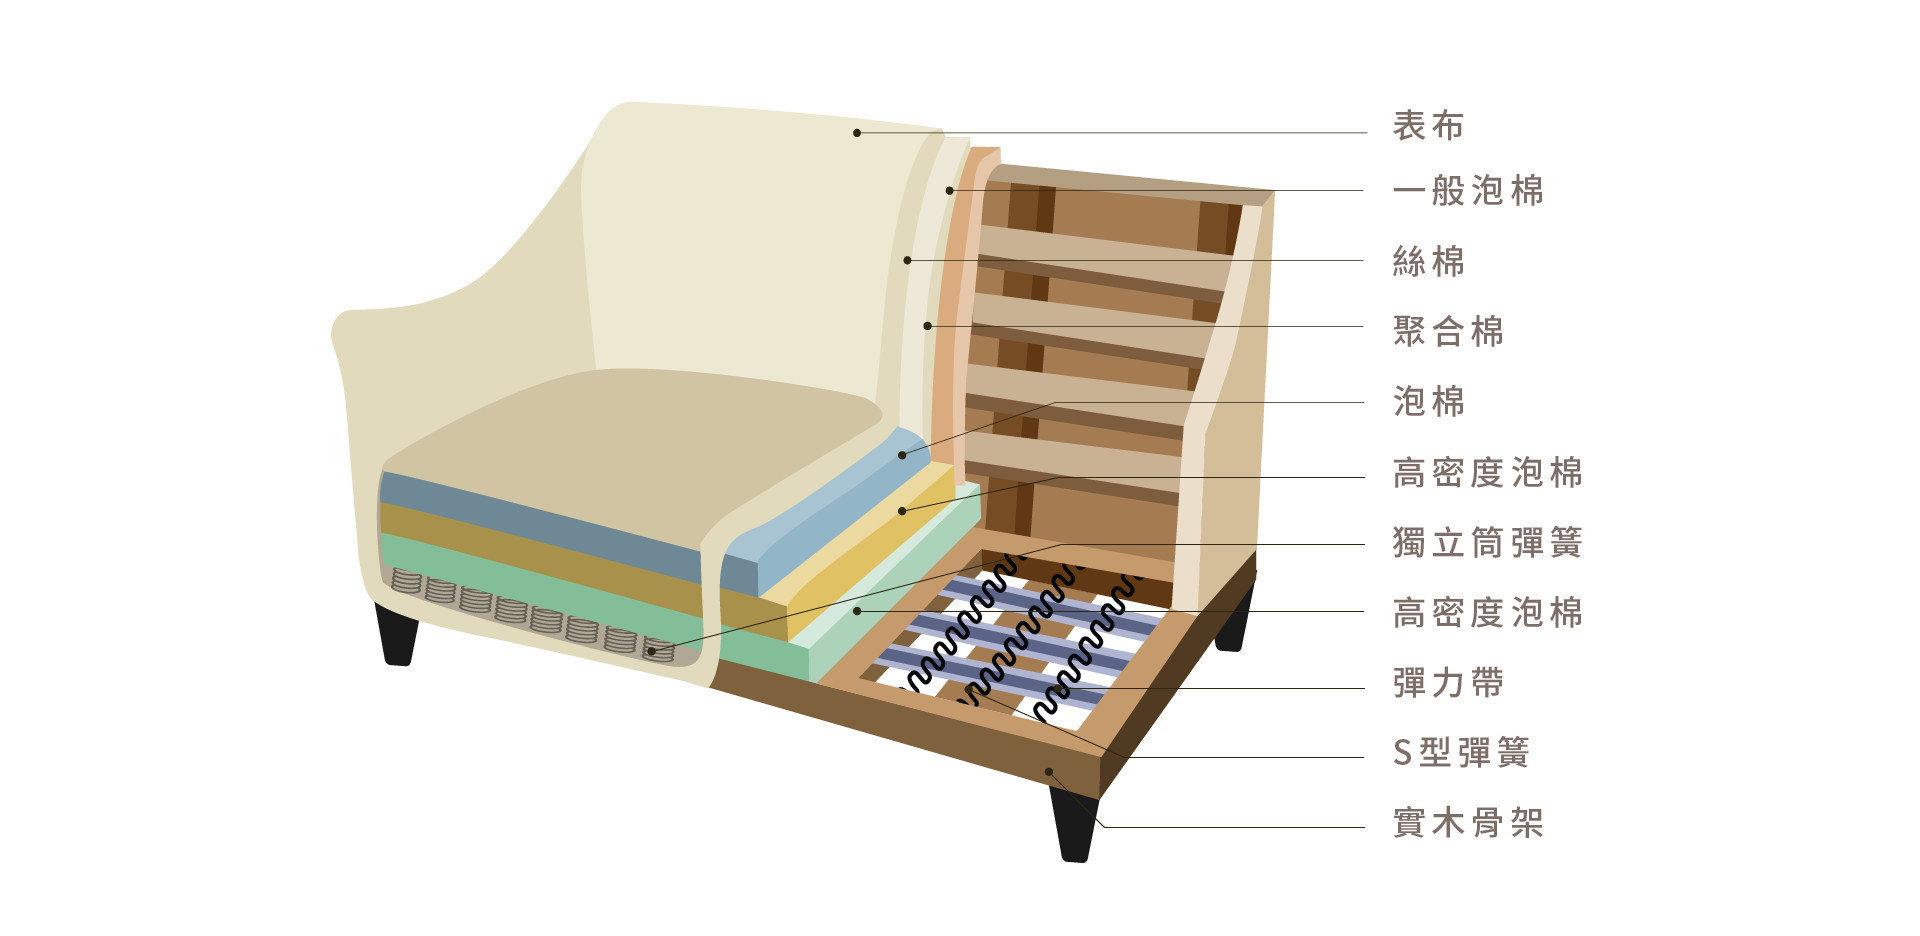 米樂沙發內材結構:高密度泡棉、獨立筒彈簧、實木骨架